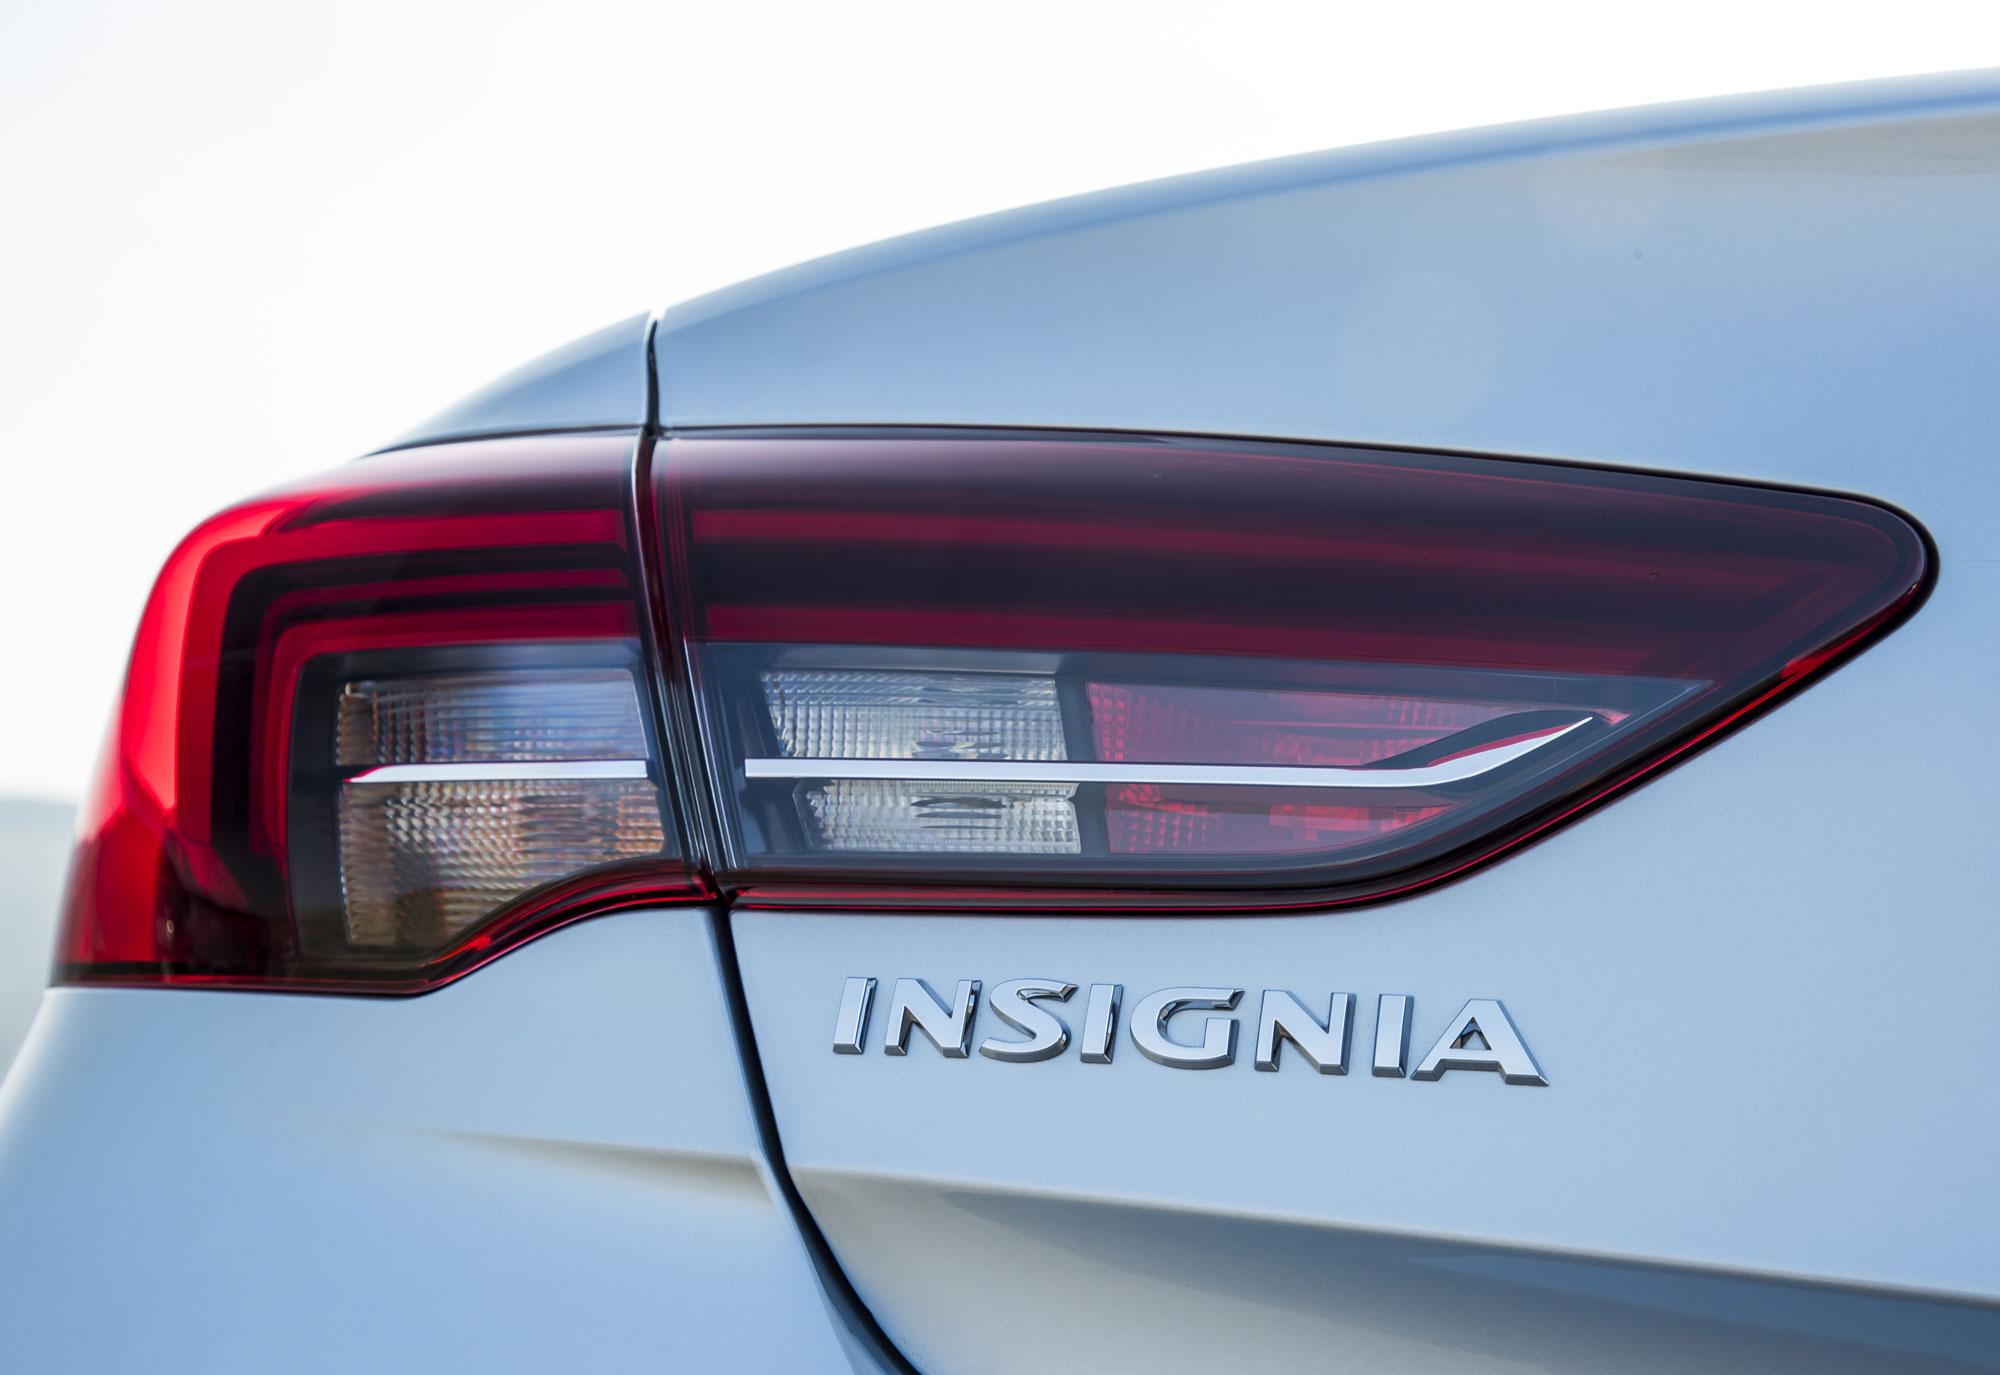 InsigniaGrandSport_Design_195.JPG